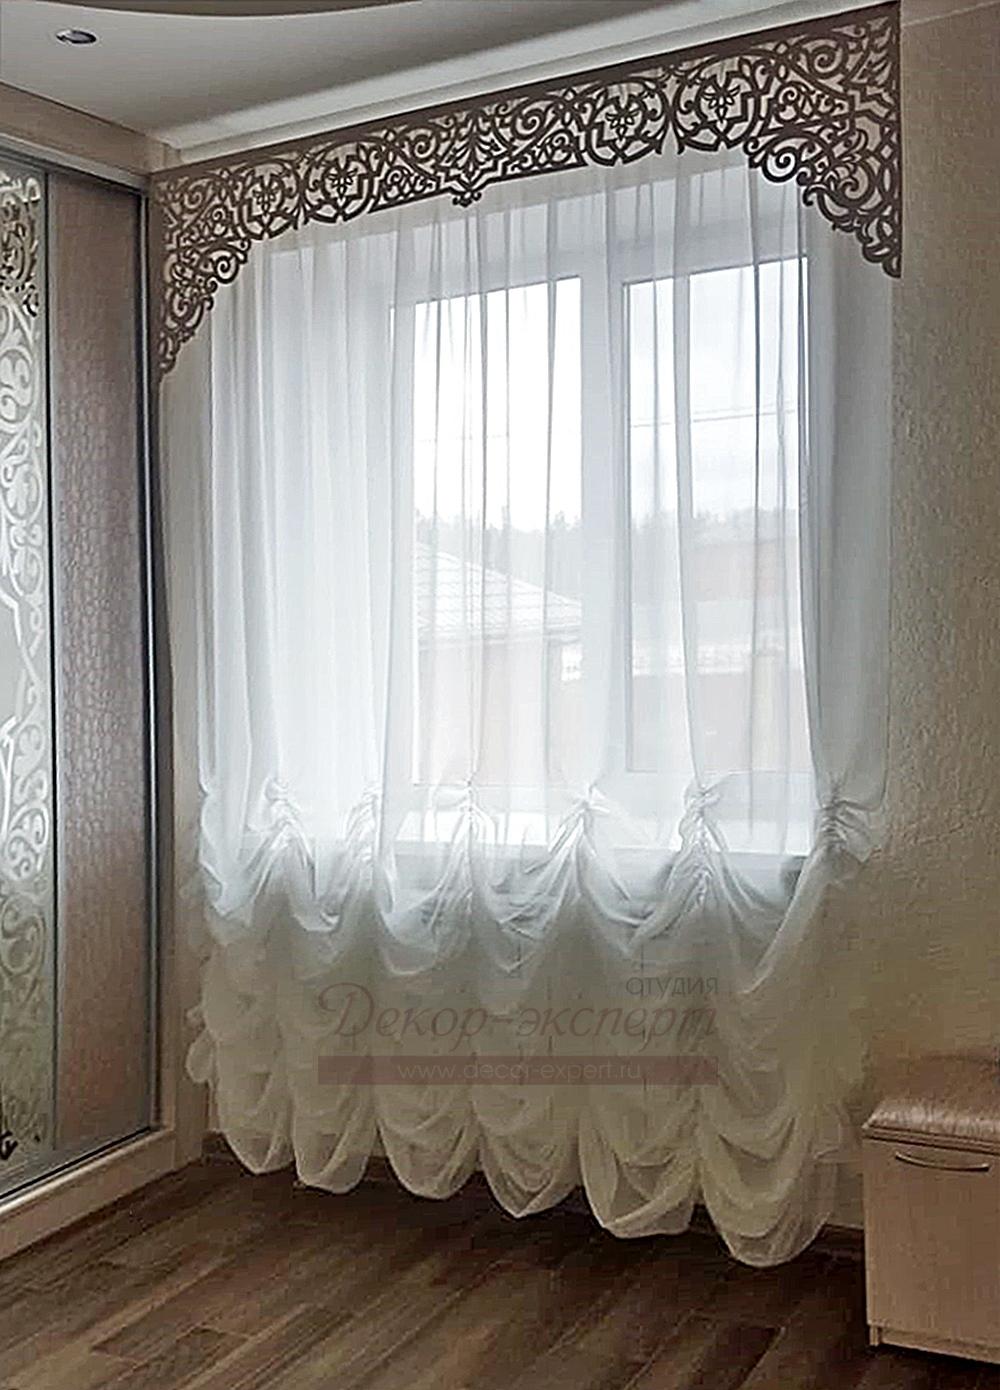 Фото-208.  Ажурный ламбрекен Византия в интерьере заказчика из Омска.